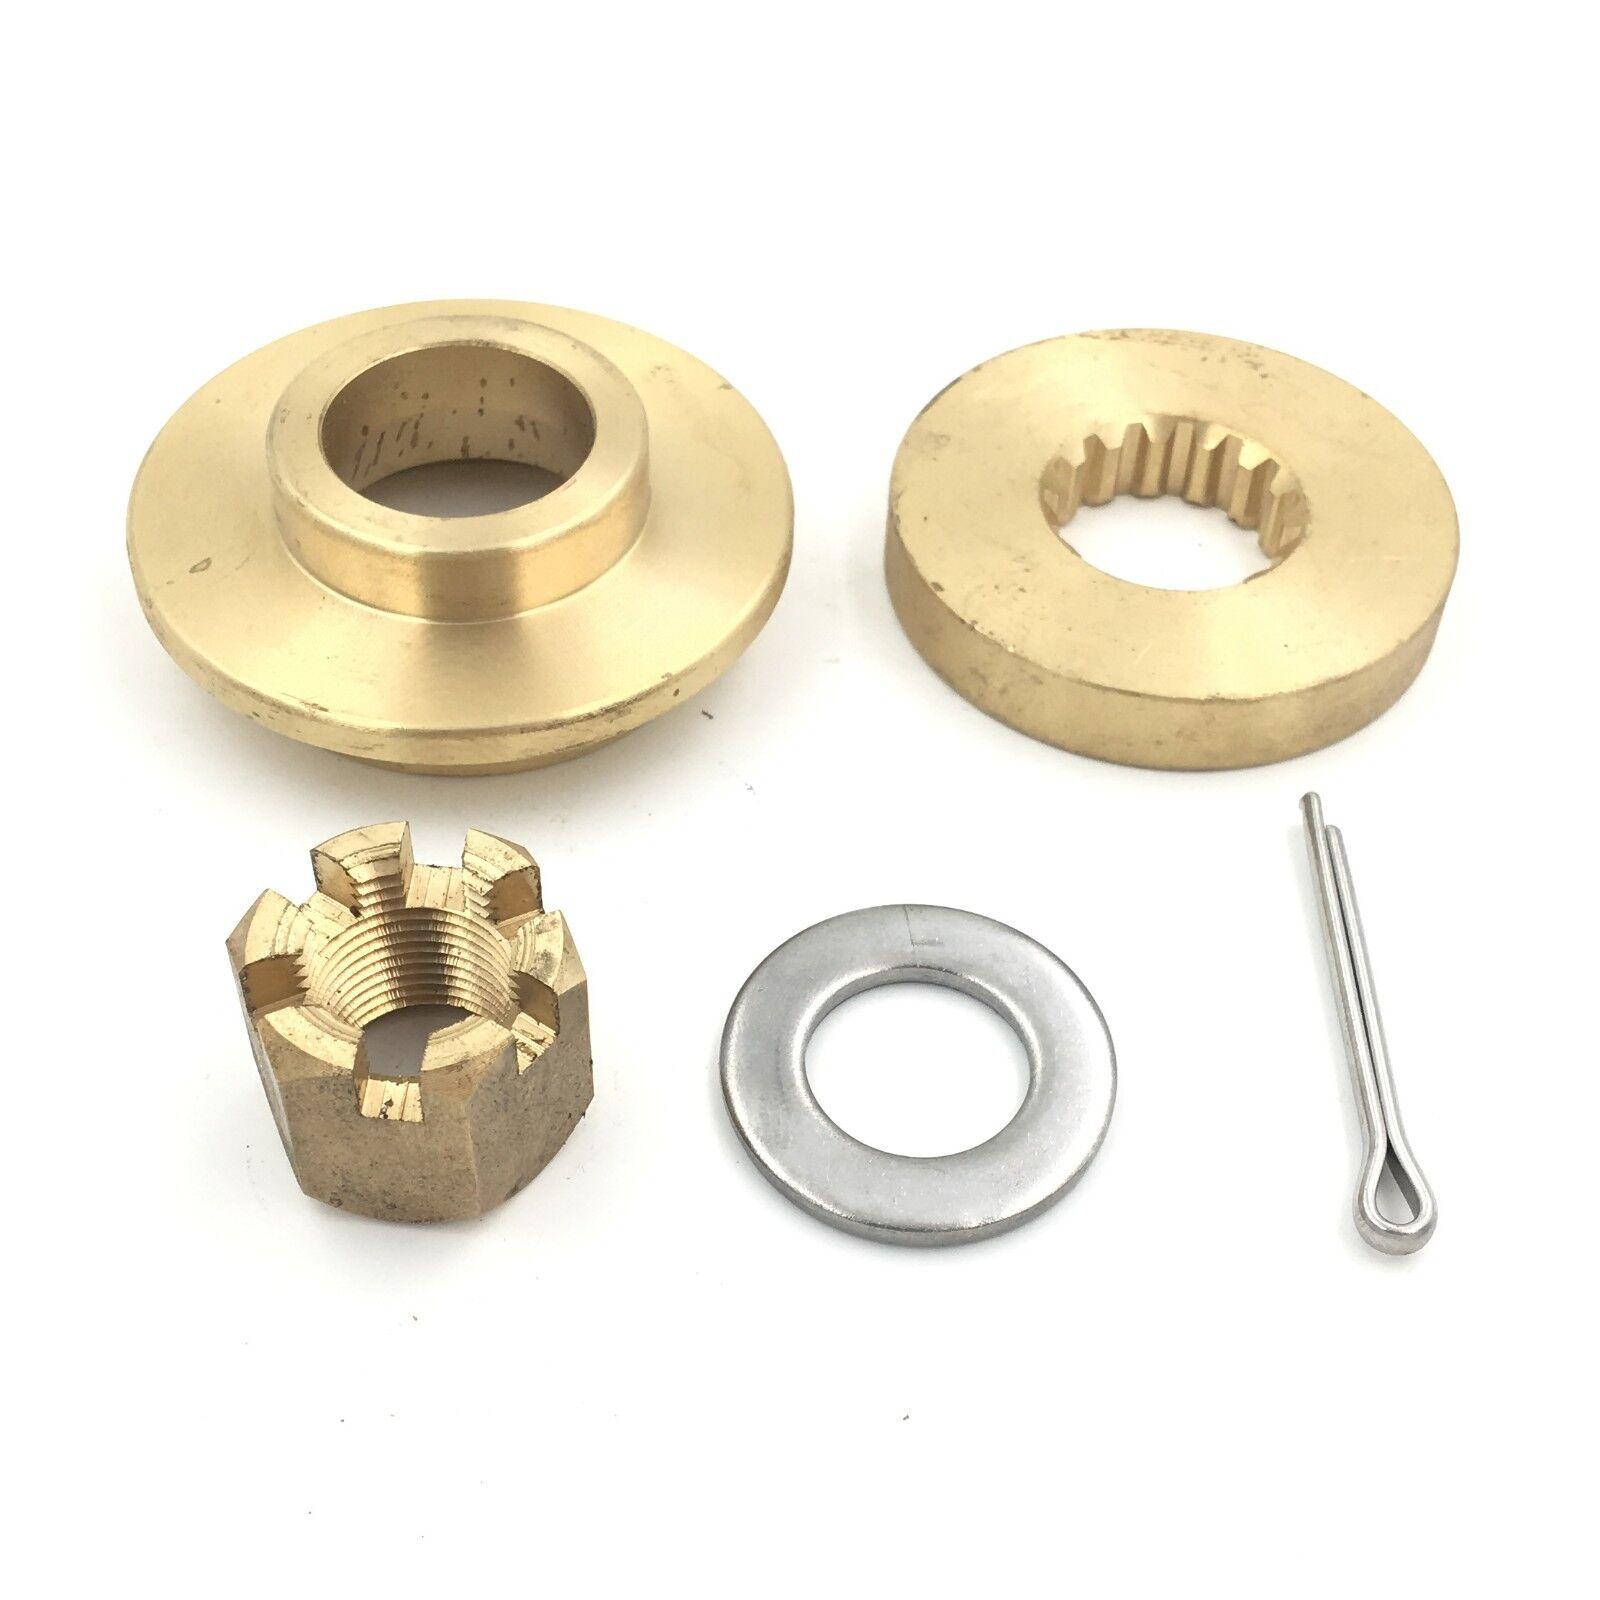 Propeller Hardware Kits Thrust Washer/Spacer/Nut for SUZUKI DF90/115HP